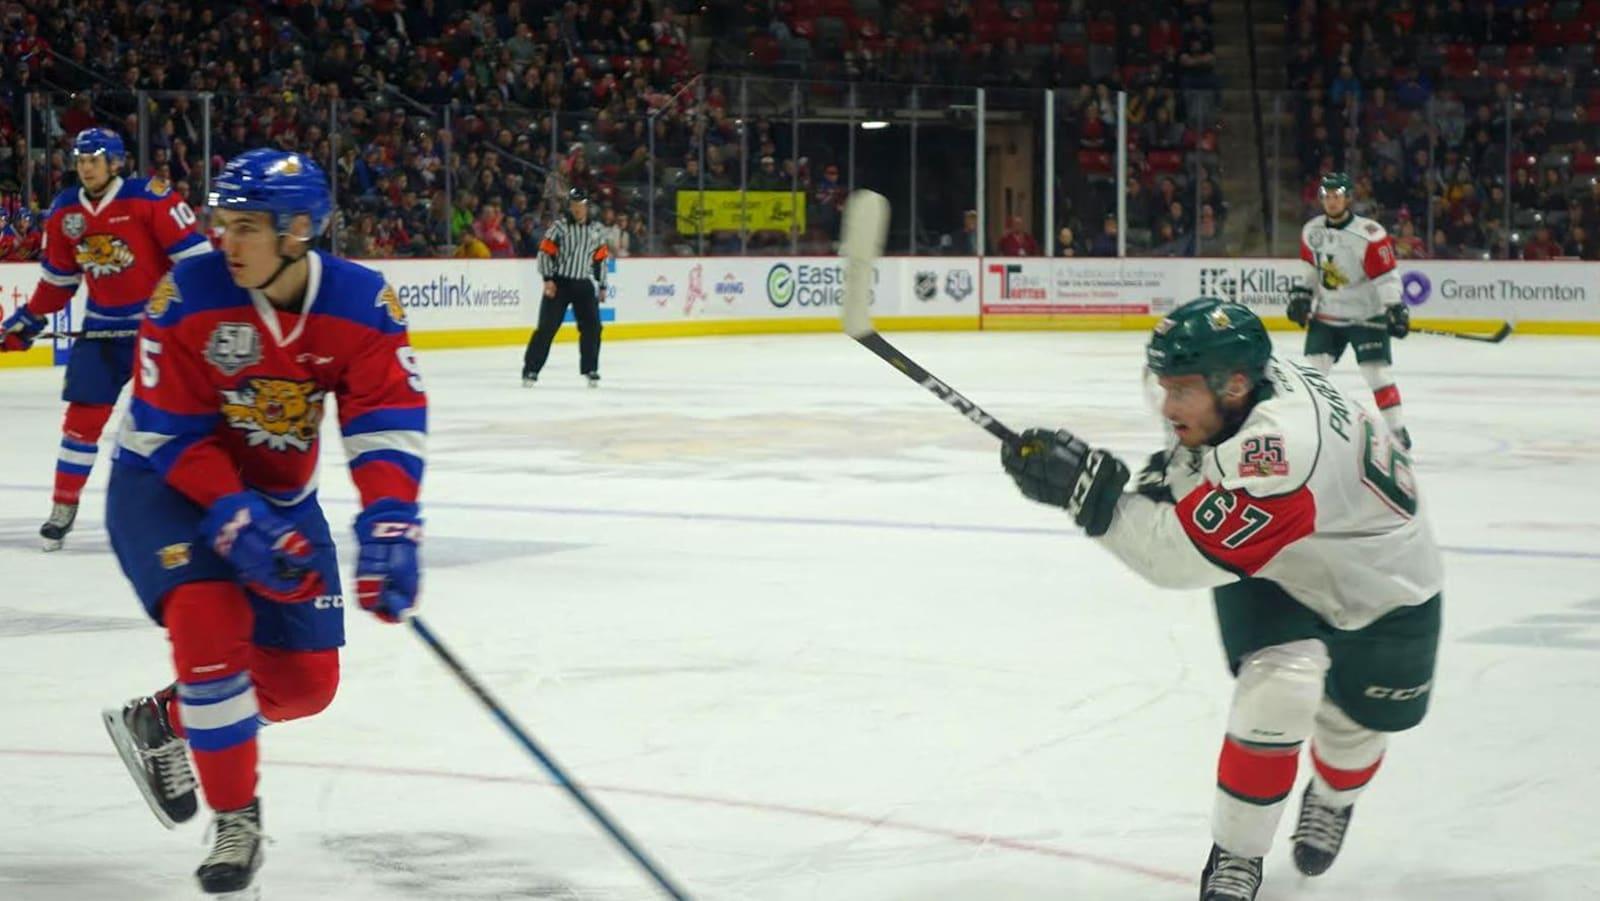 Un joueur des Mooseheads fait un lancer frappé sur la patinoire.